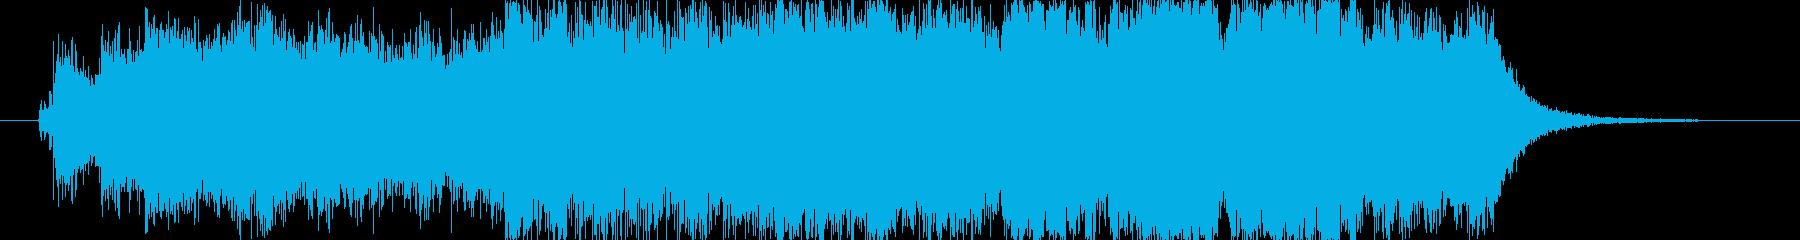 オープニングインパクト2の再生済みの波形